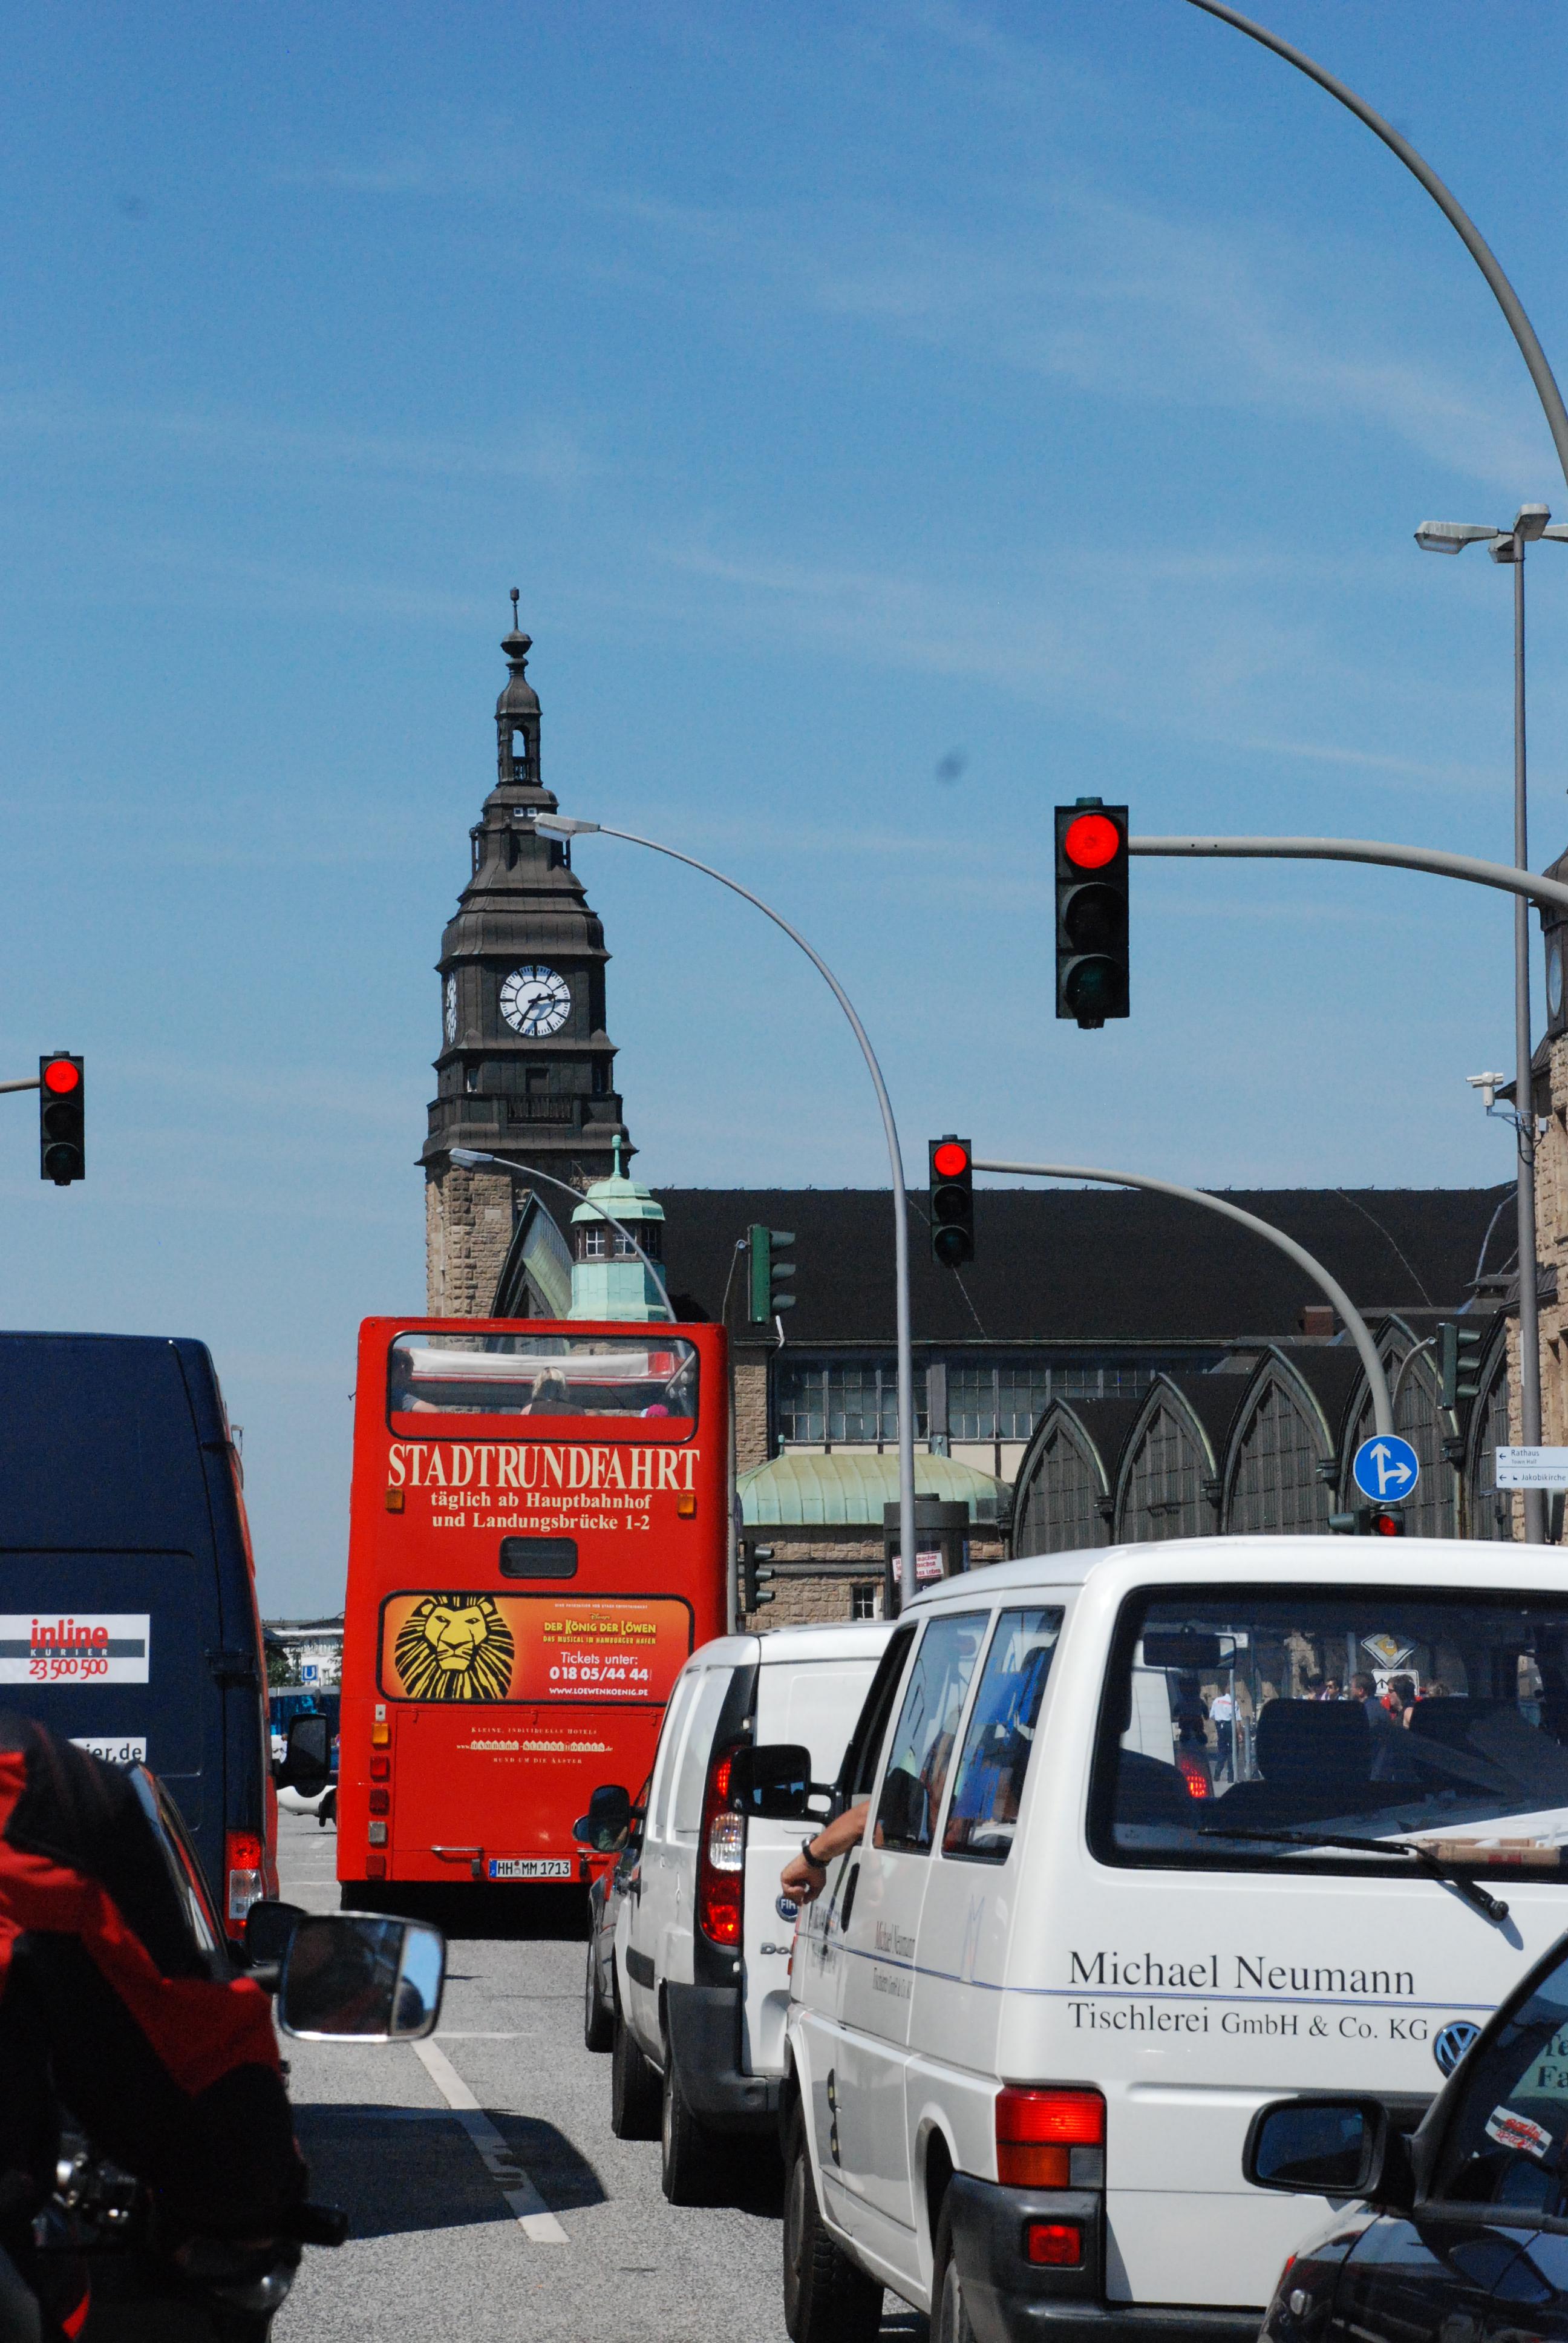 Транспортный туризм в Гамбурге